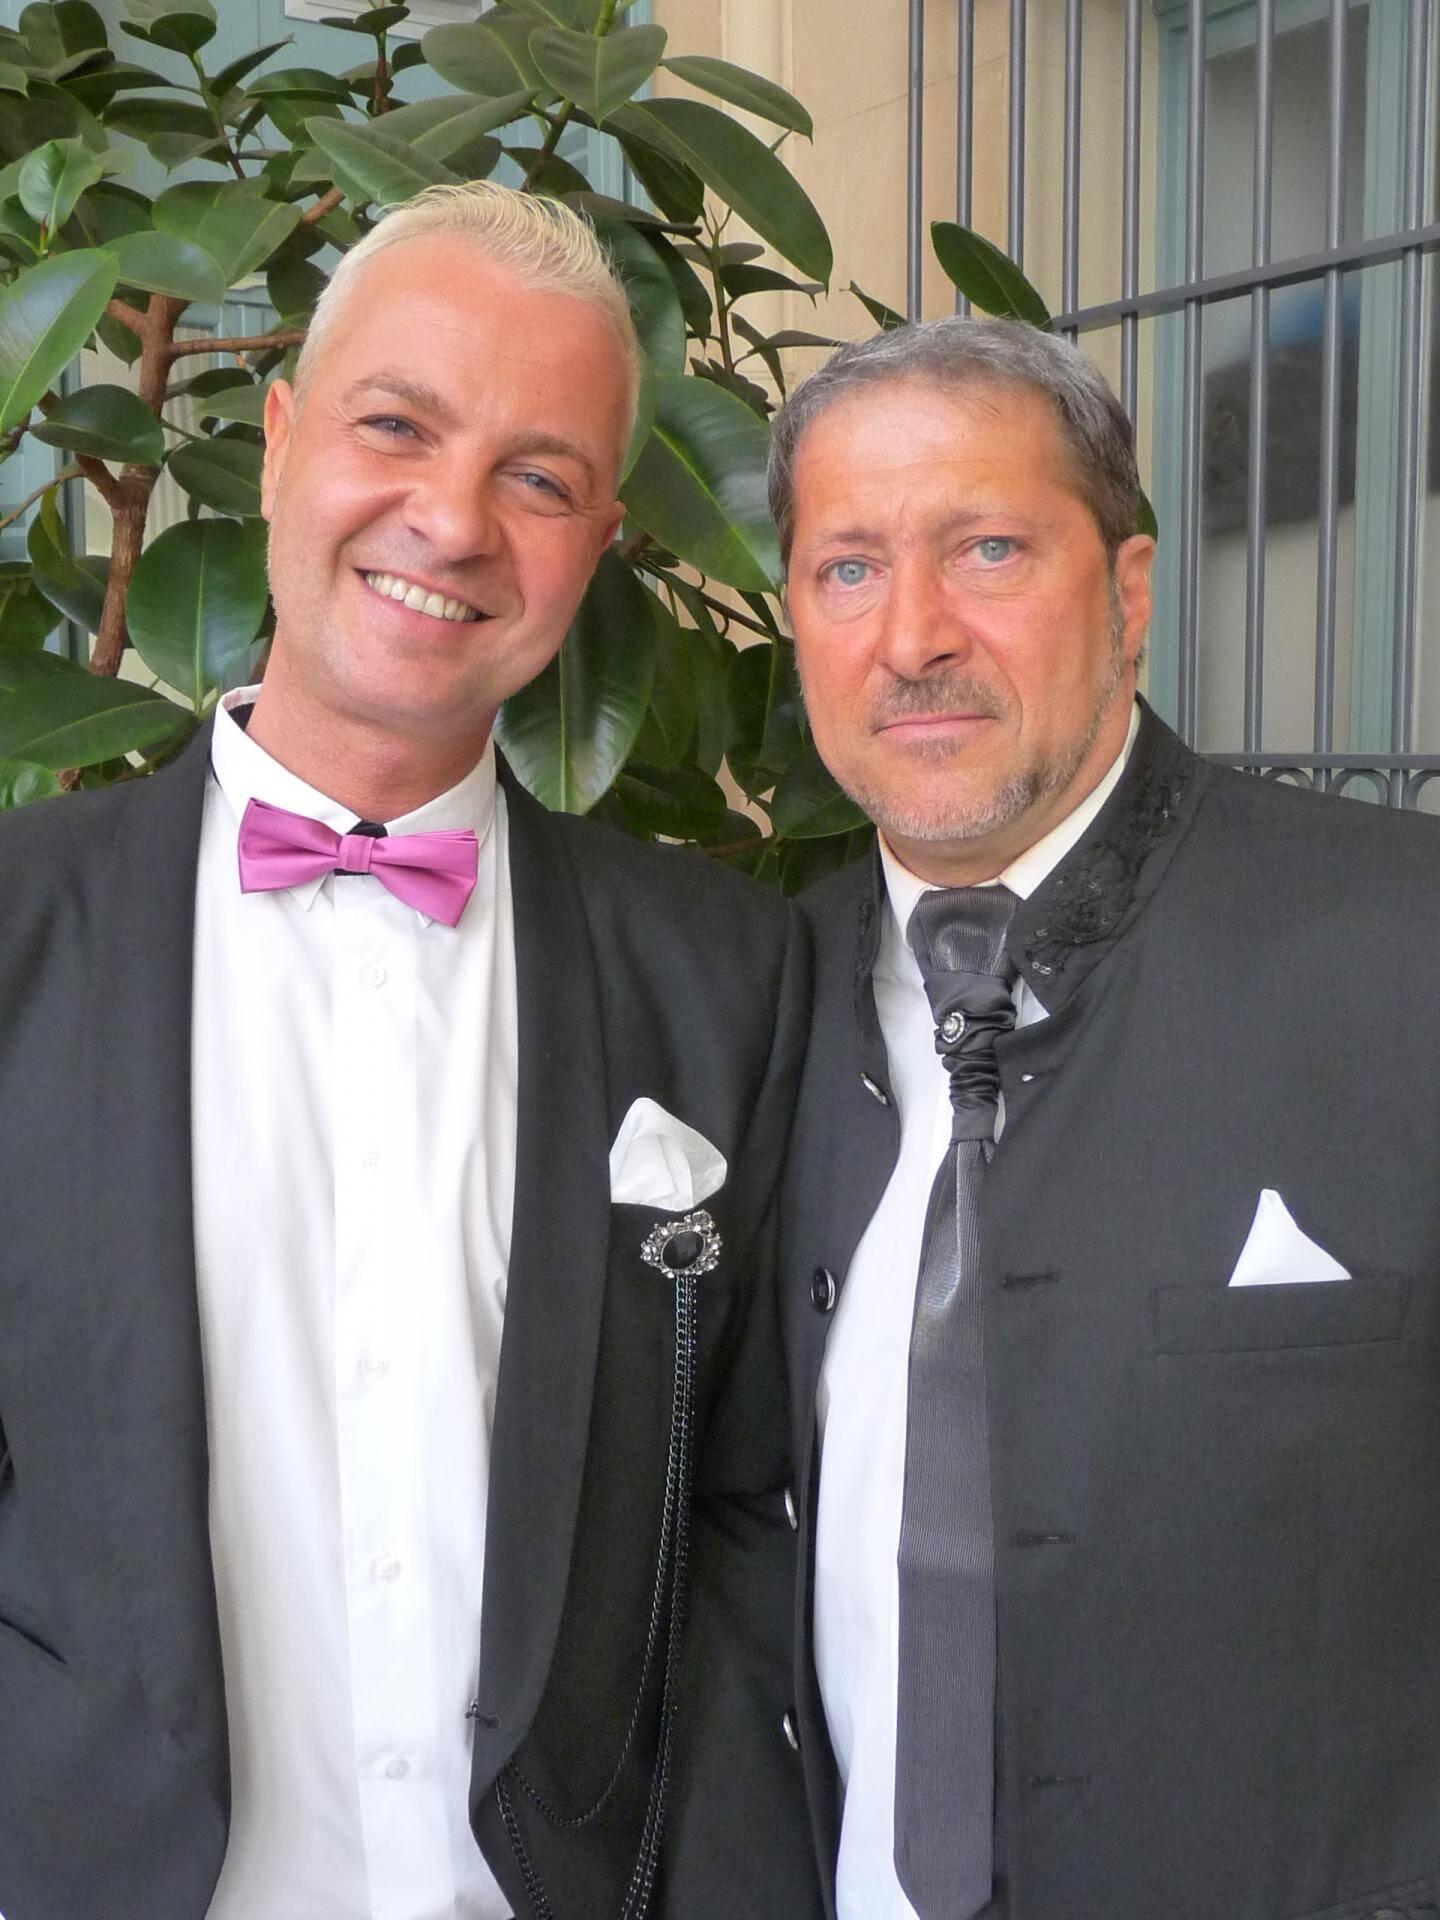 Cédric Paquet, agent de sécurité sociale, et Thierry Bouimout, agent de sécurité.